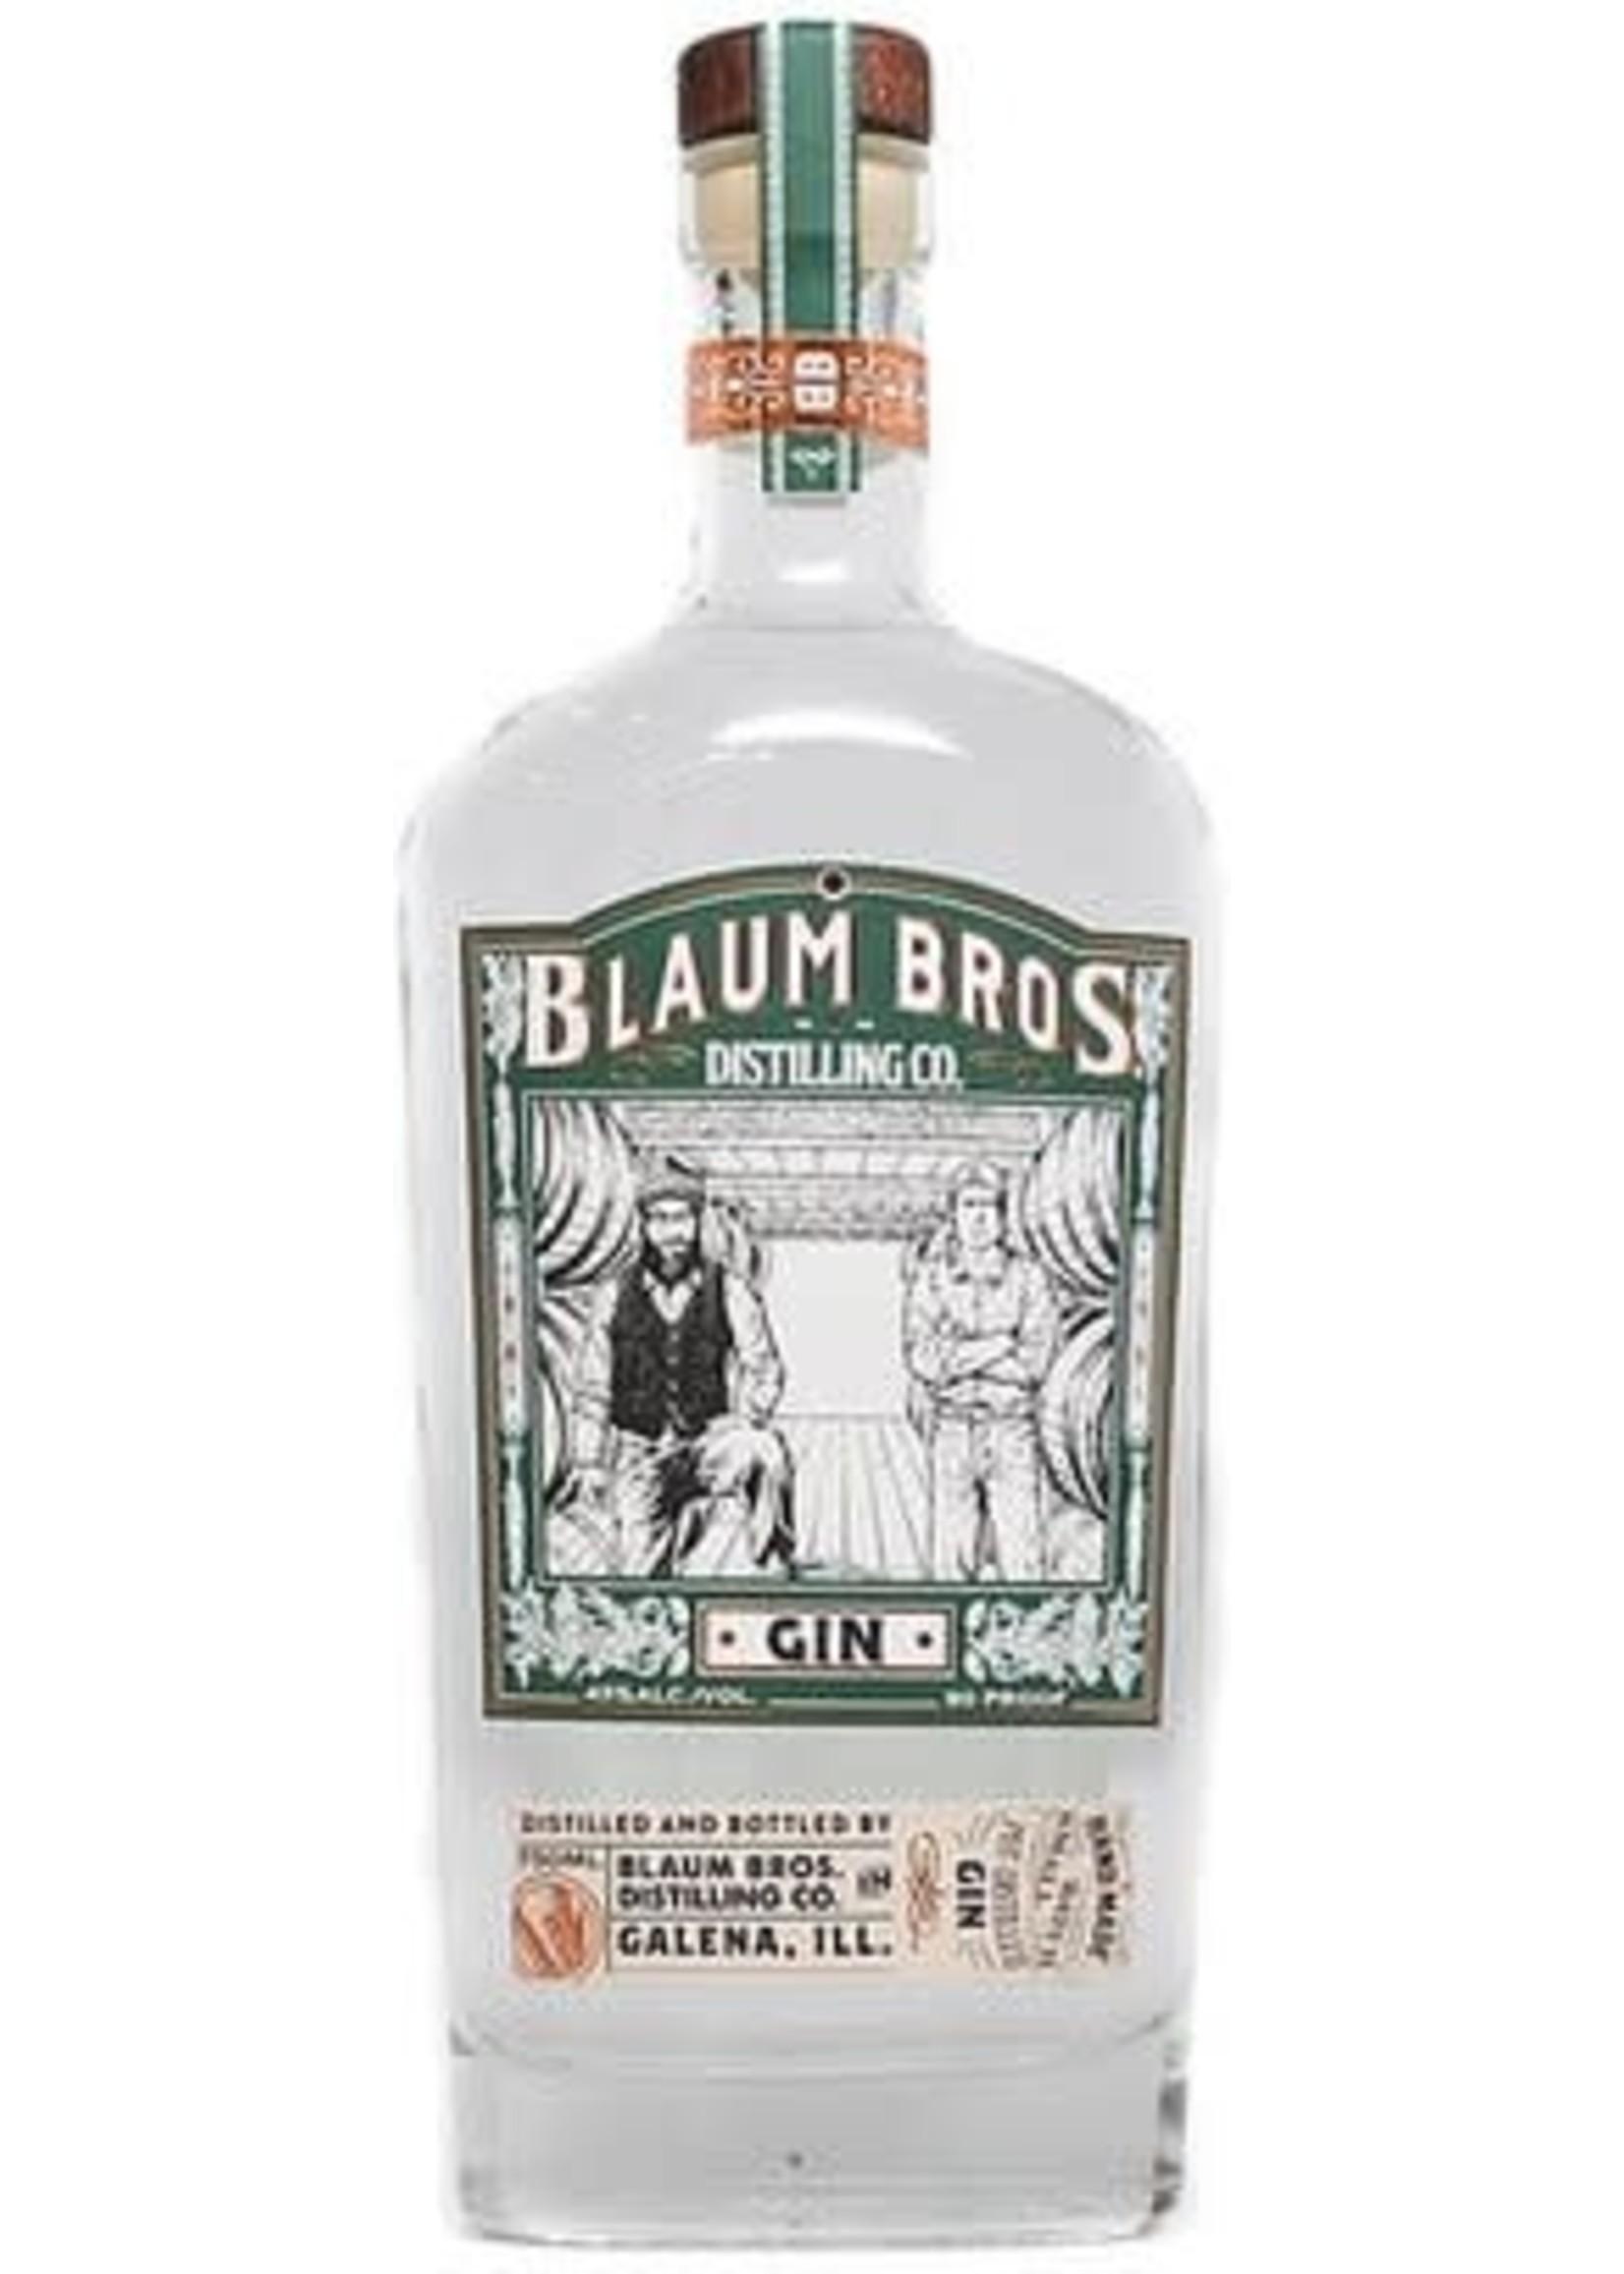 Blaum Bros Gin 750ml